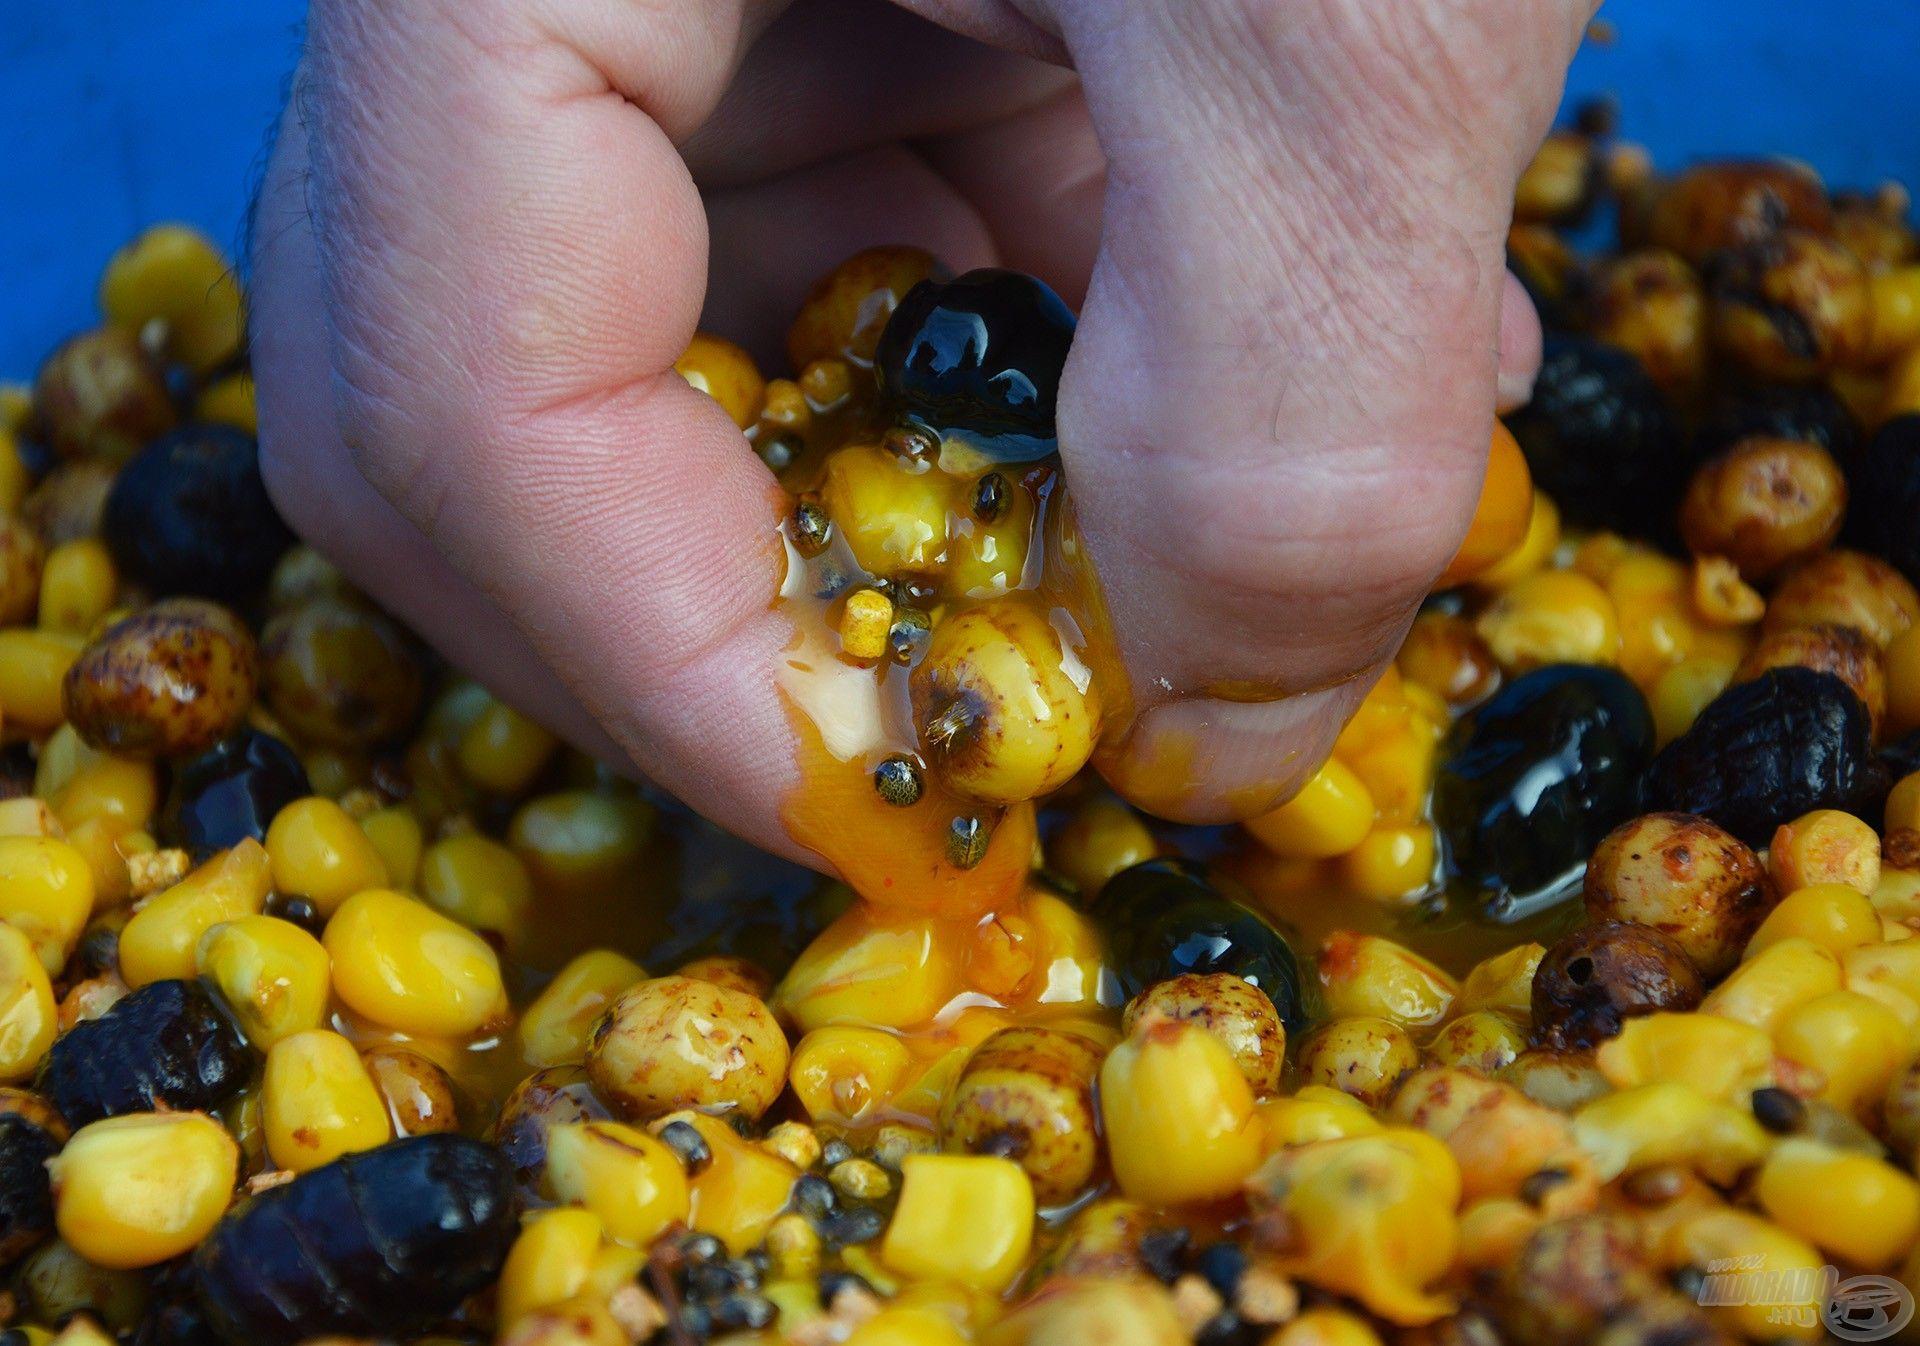 Hihetetlenül sűrű! Brutálisan intenzív íze, aromája megdöbbentően jó hatással van főként a pontyokra és amurokra!